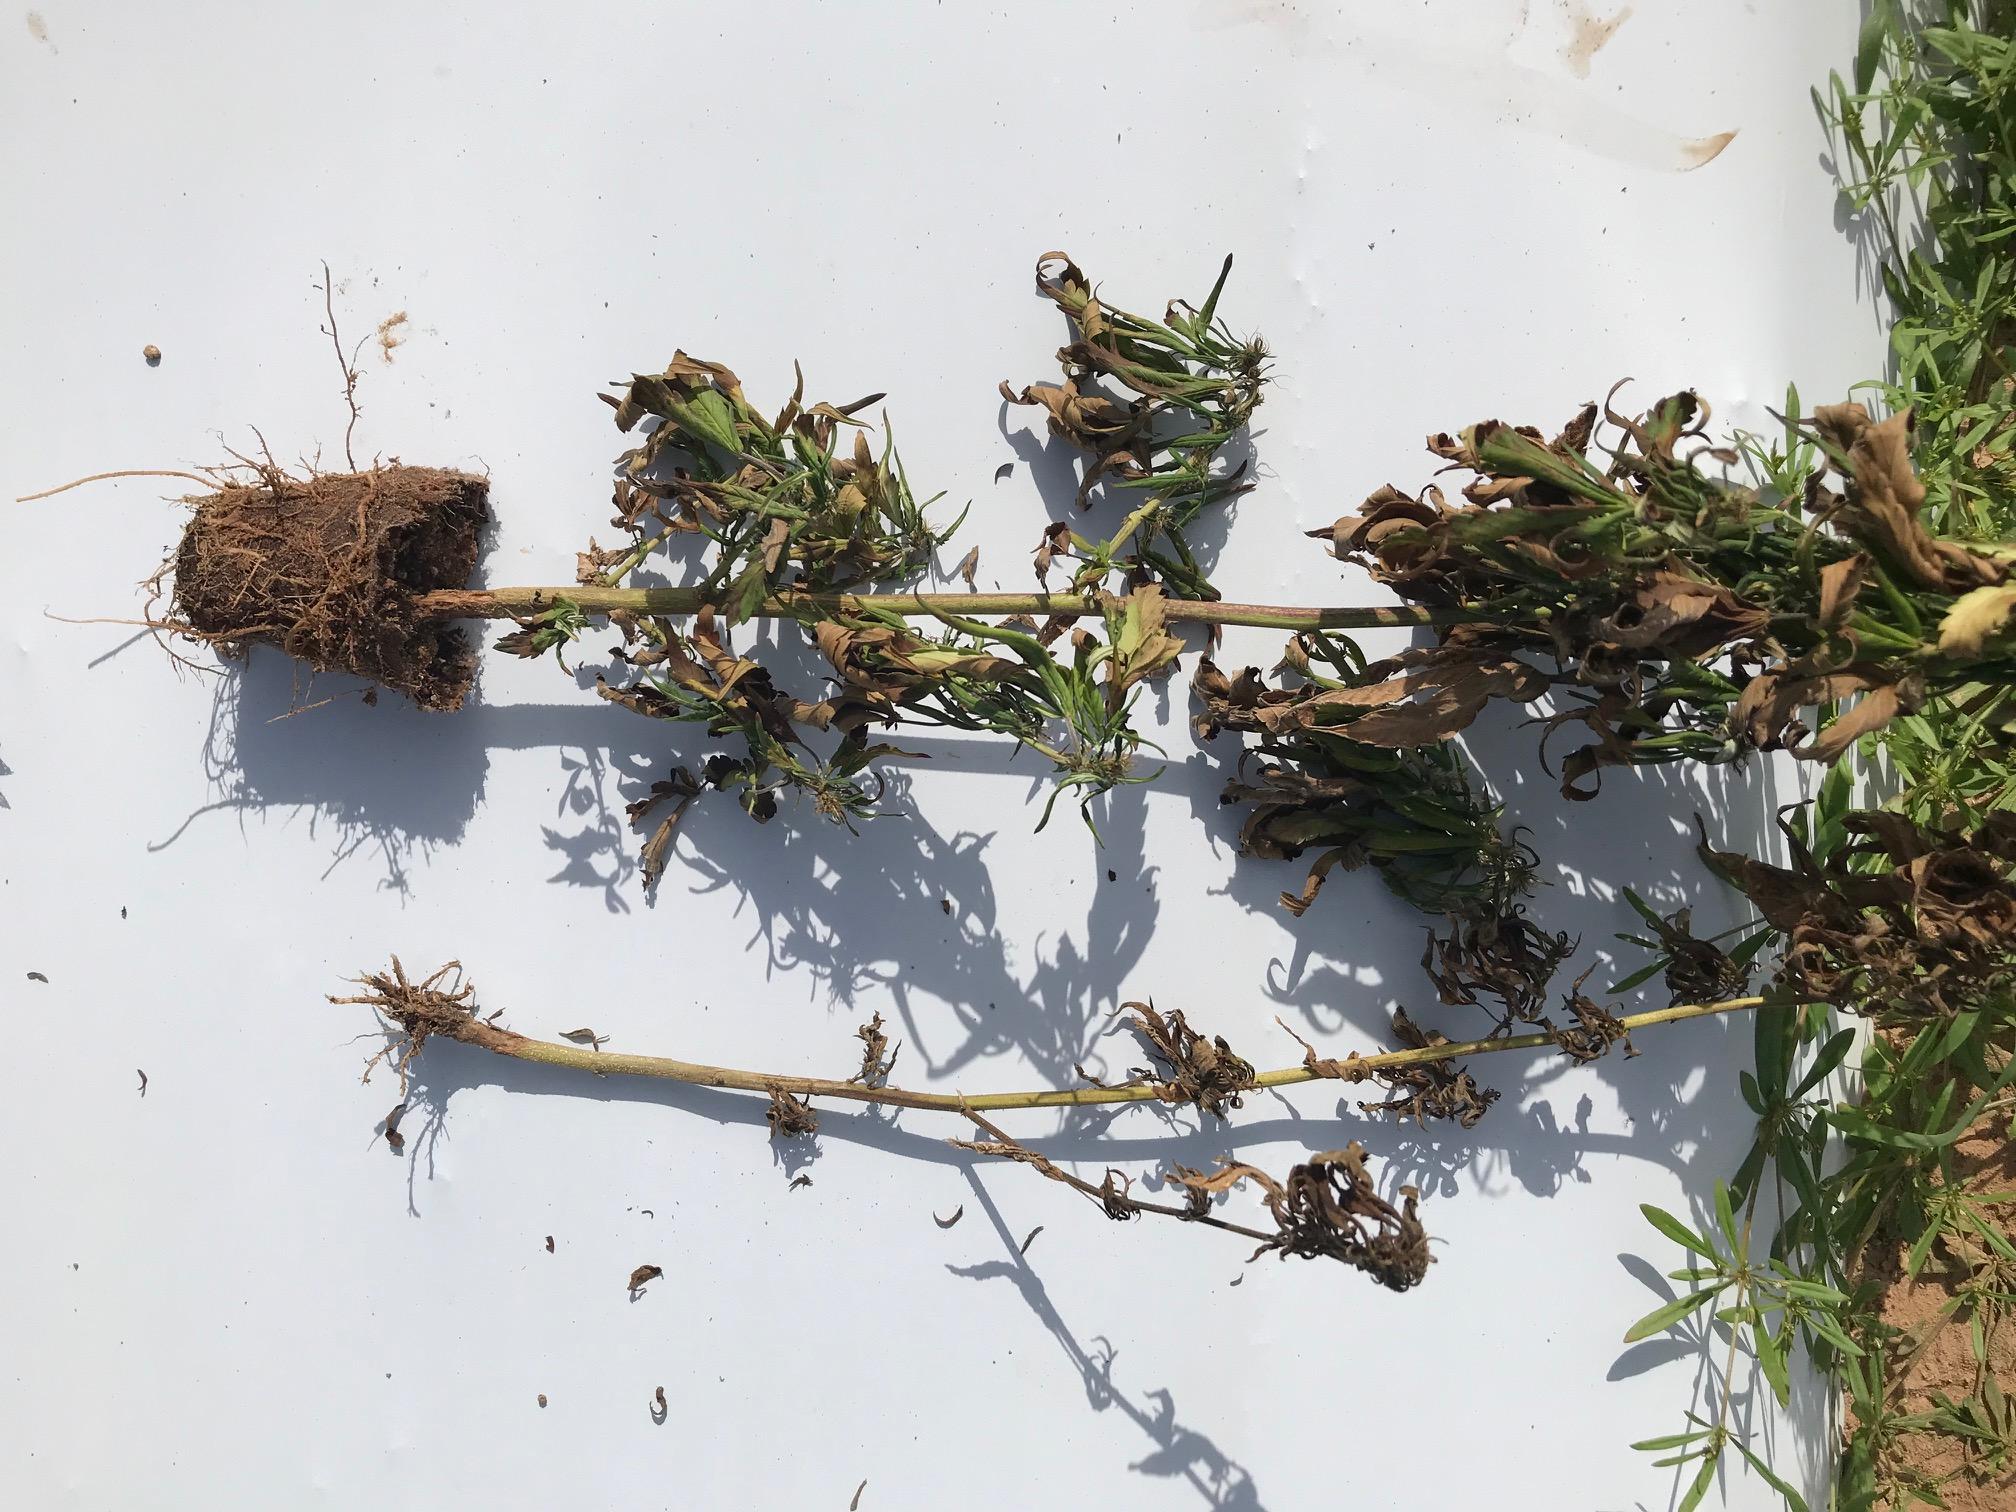 fire ant damage in hemp